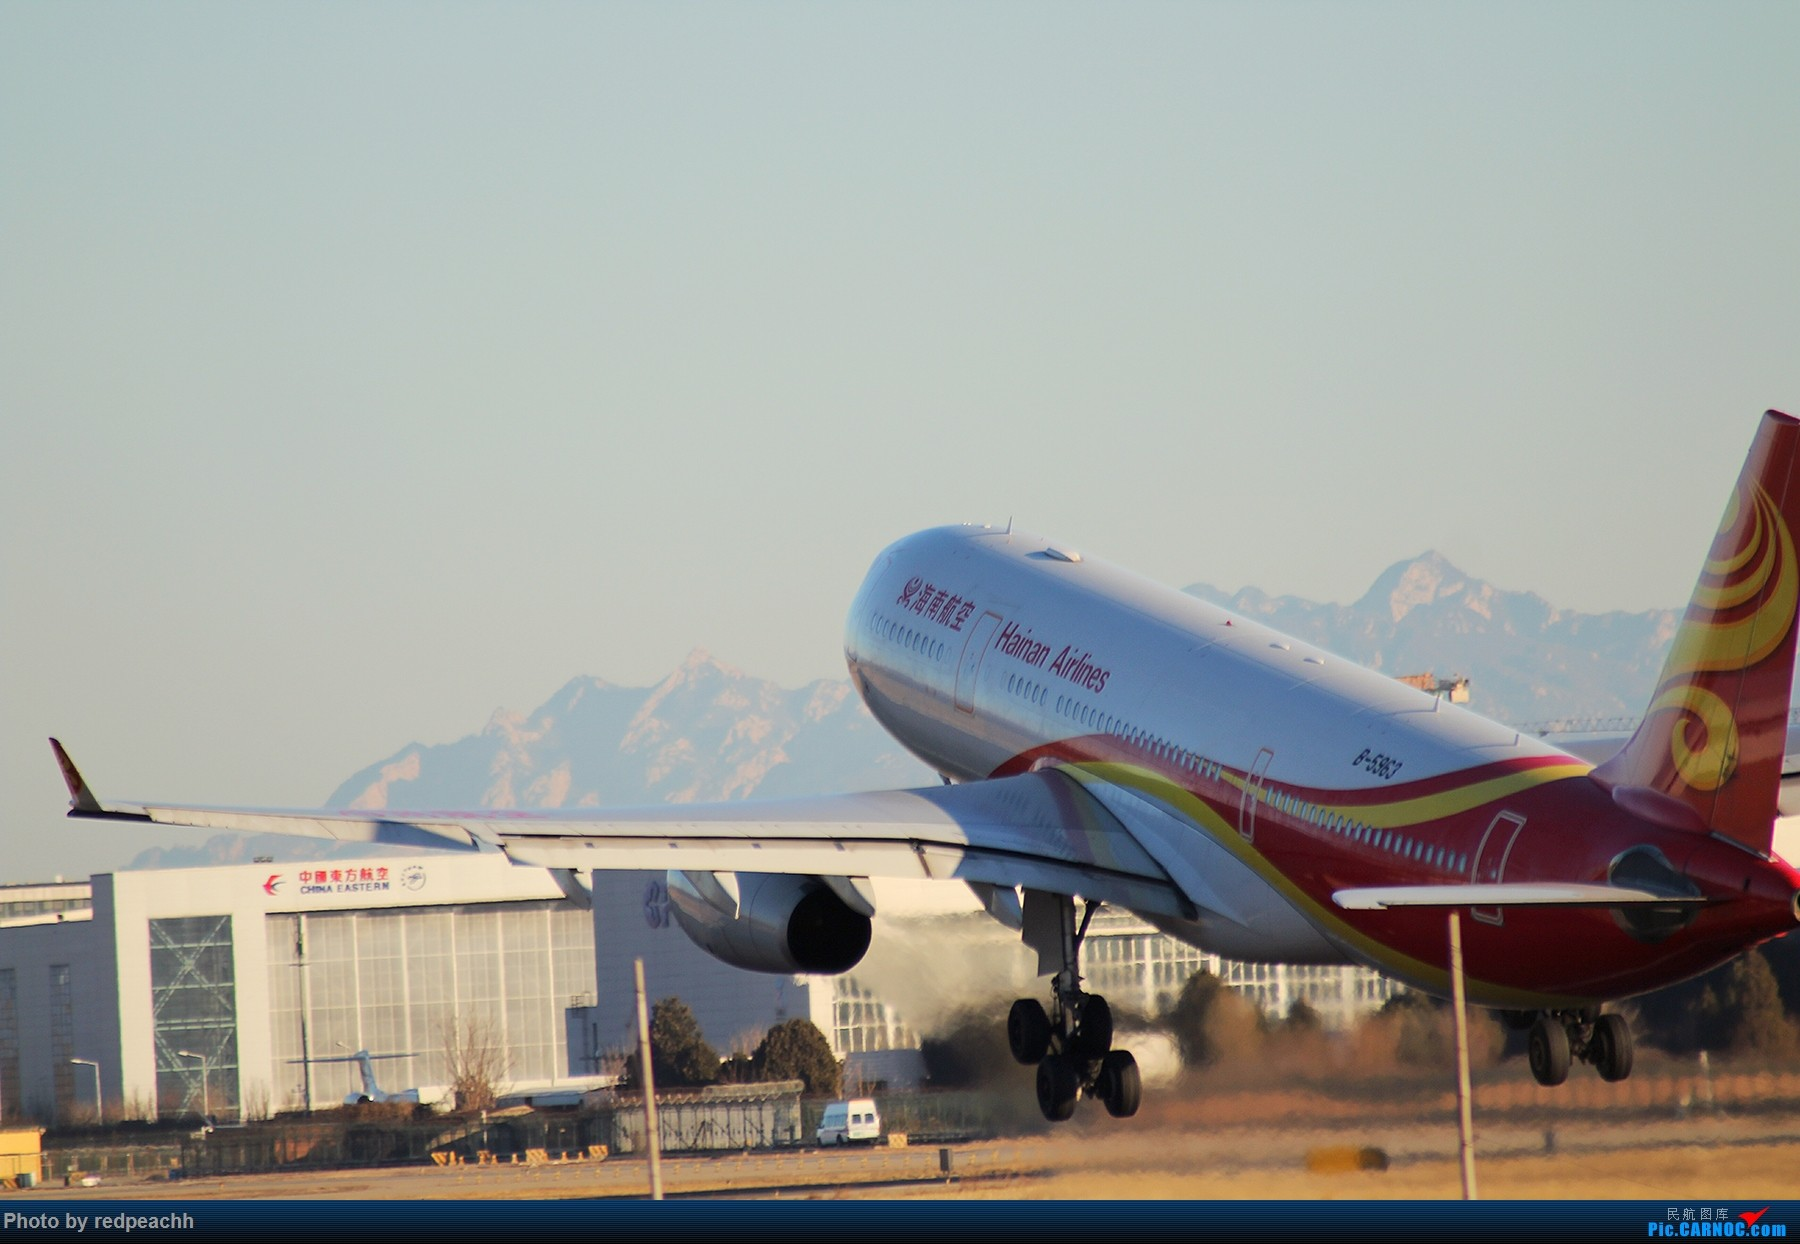 Re:[原创]河北人为拍机而首都机场2日游虽常规但值得纪念(36L) AIRBUS A330-200 B-5963 中国北京首都国际机场